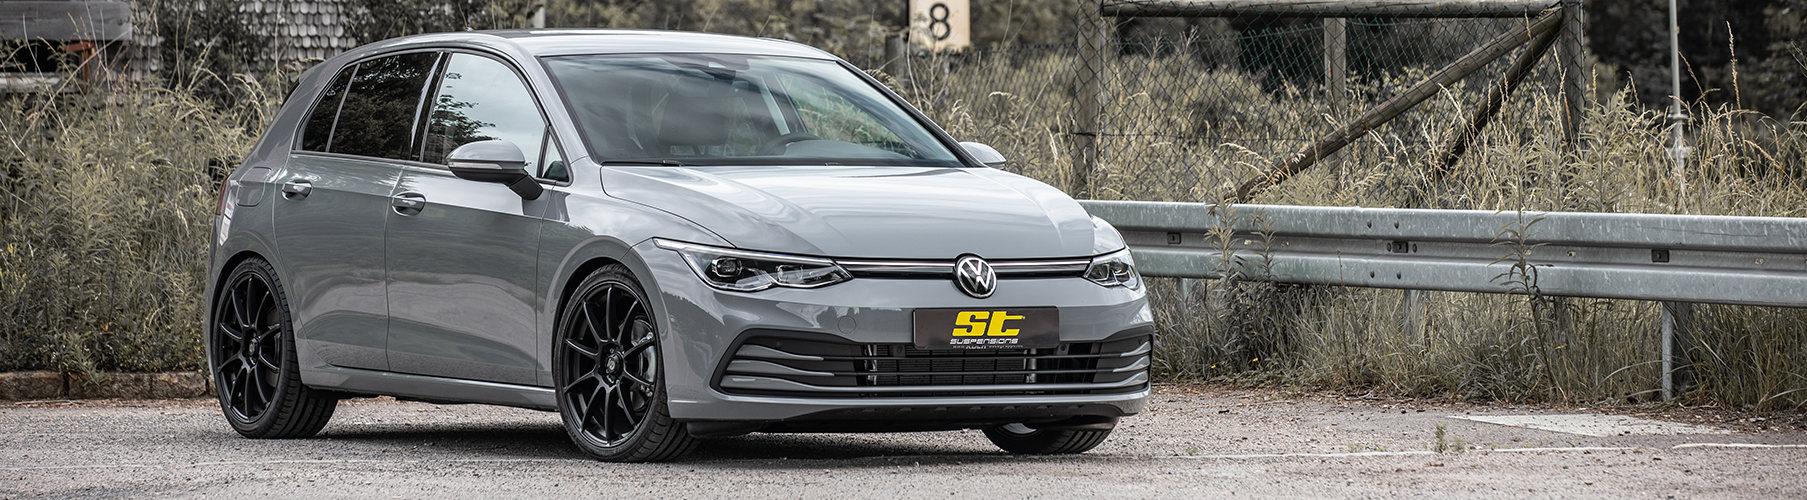 Steht einfach sauber mit einem ST Gewindefahrwerk auf der Straße: der neue VW Golf 8 (CD)